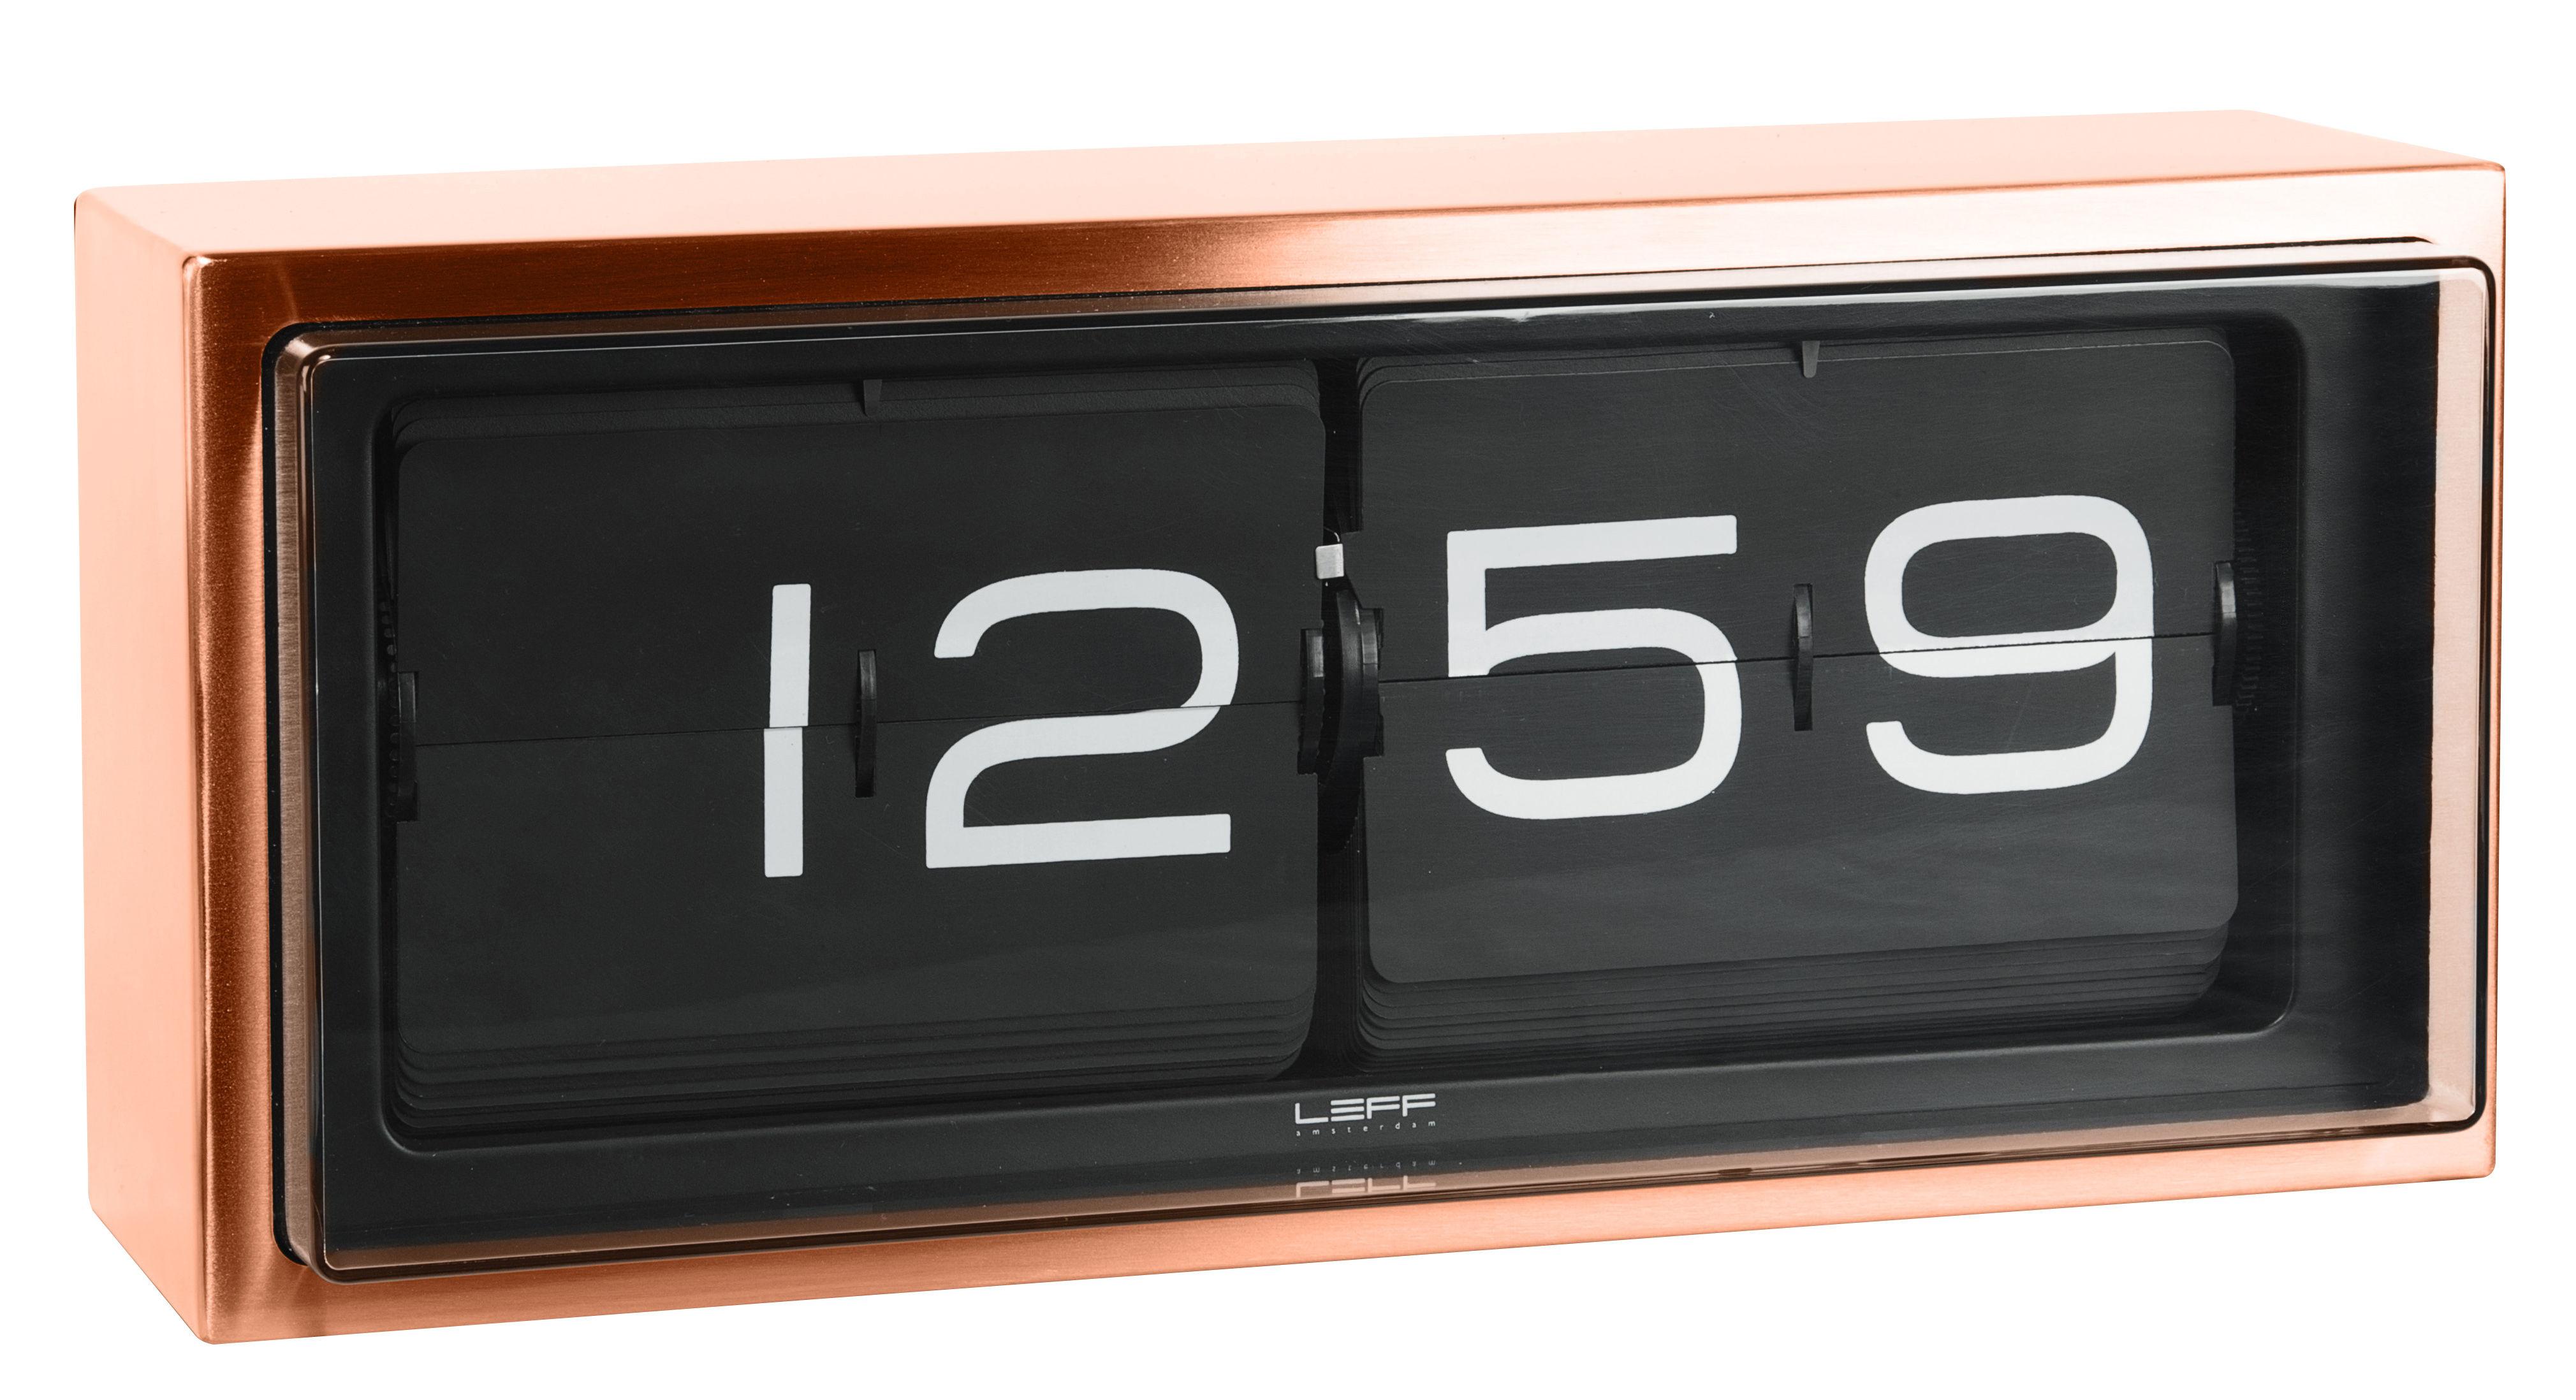 Déco - Horloges  - Horloge murale Brick / A poser ou à suspendre - LEFF amsterdam - Cadre cuivre / Fond noir - Acier inoxydable